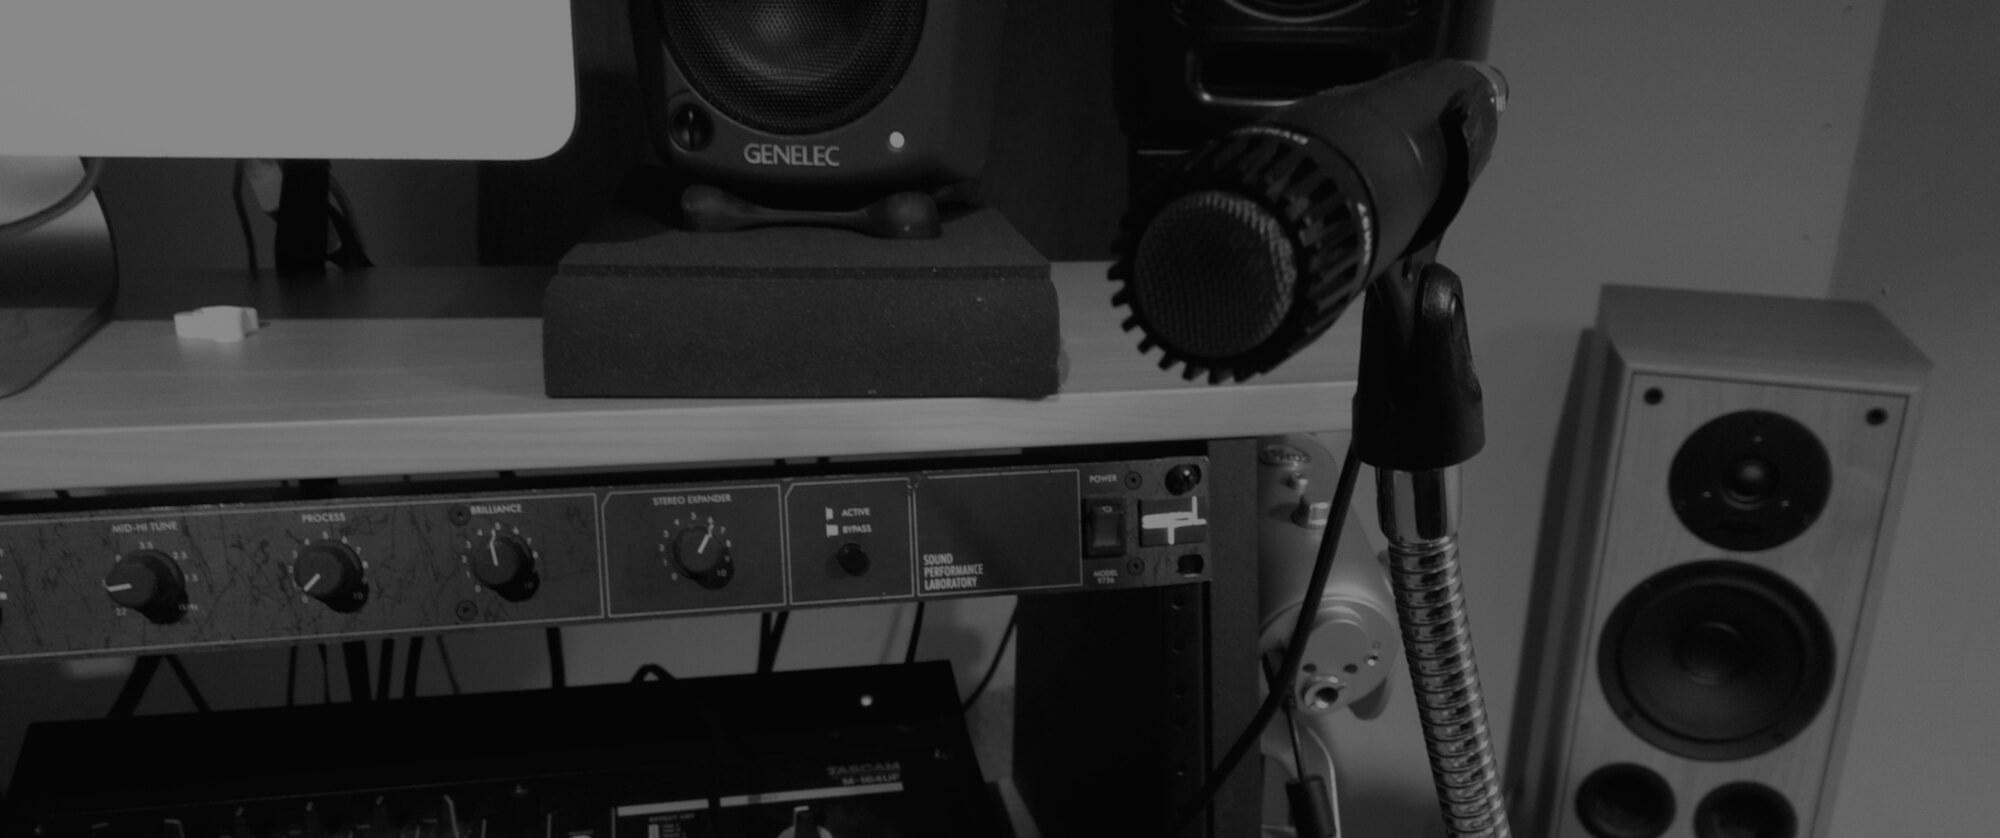 Audio Description Services